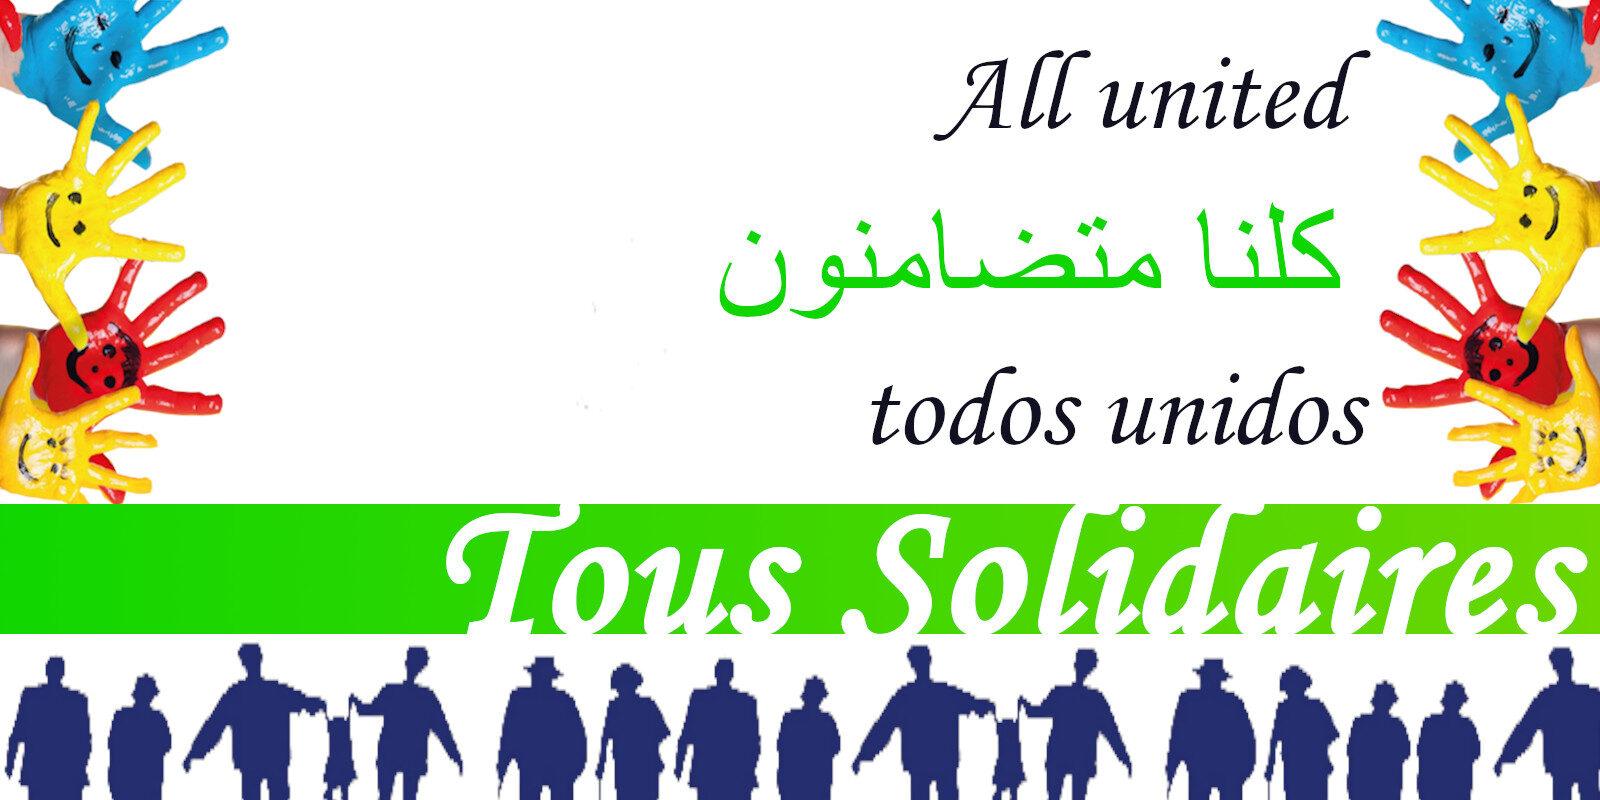 La solidarité sous toutes ses formes